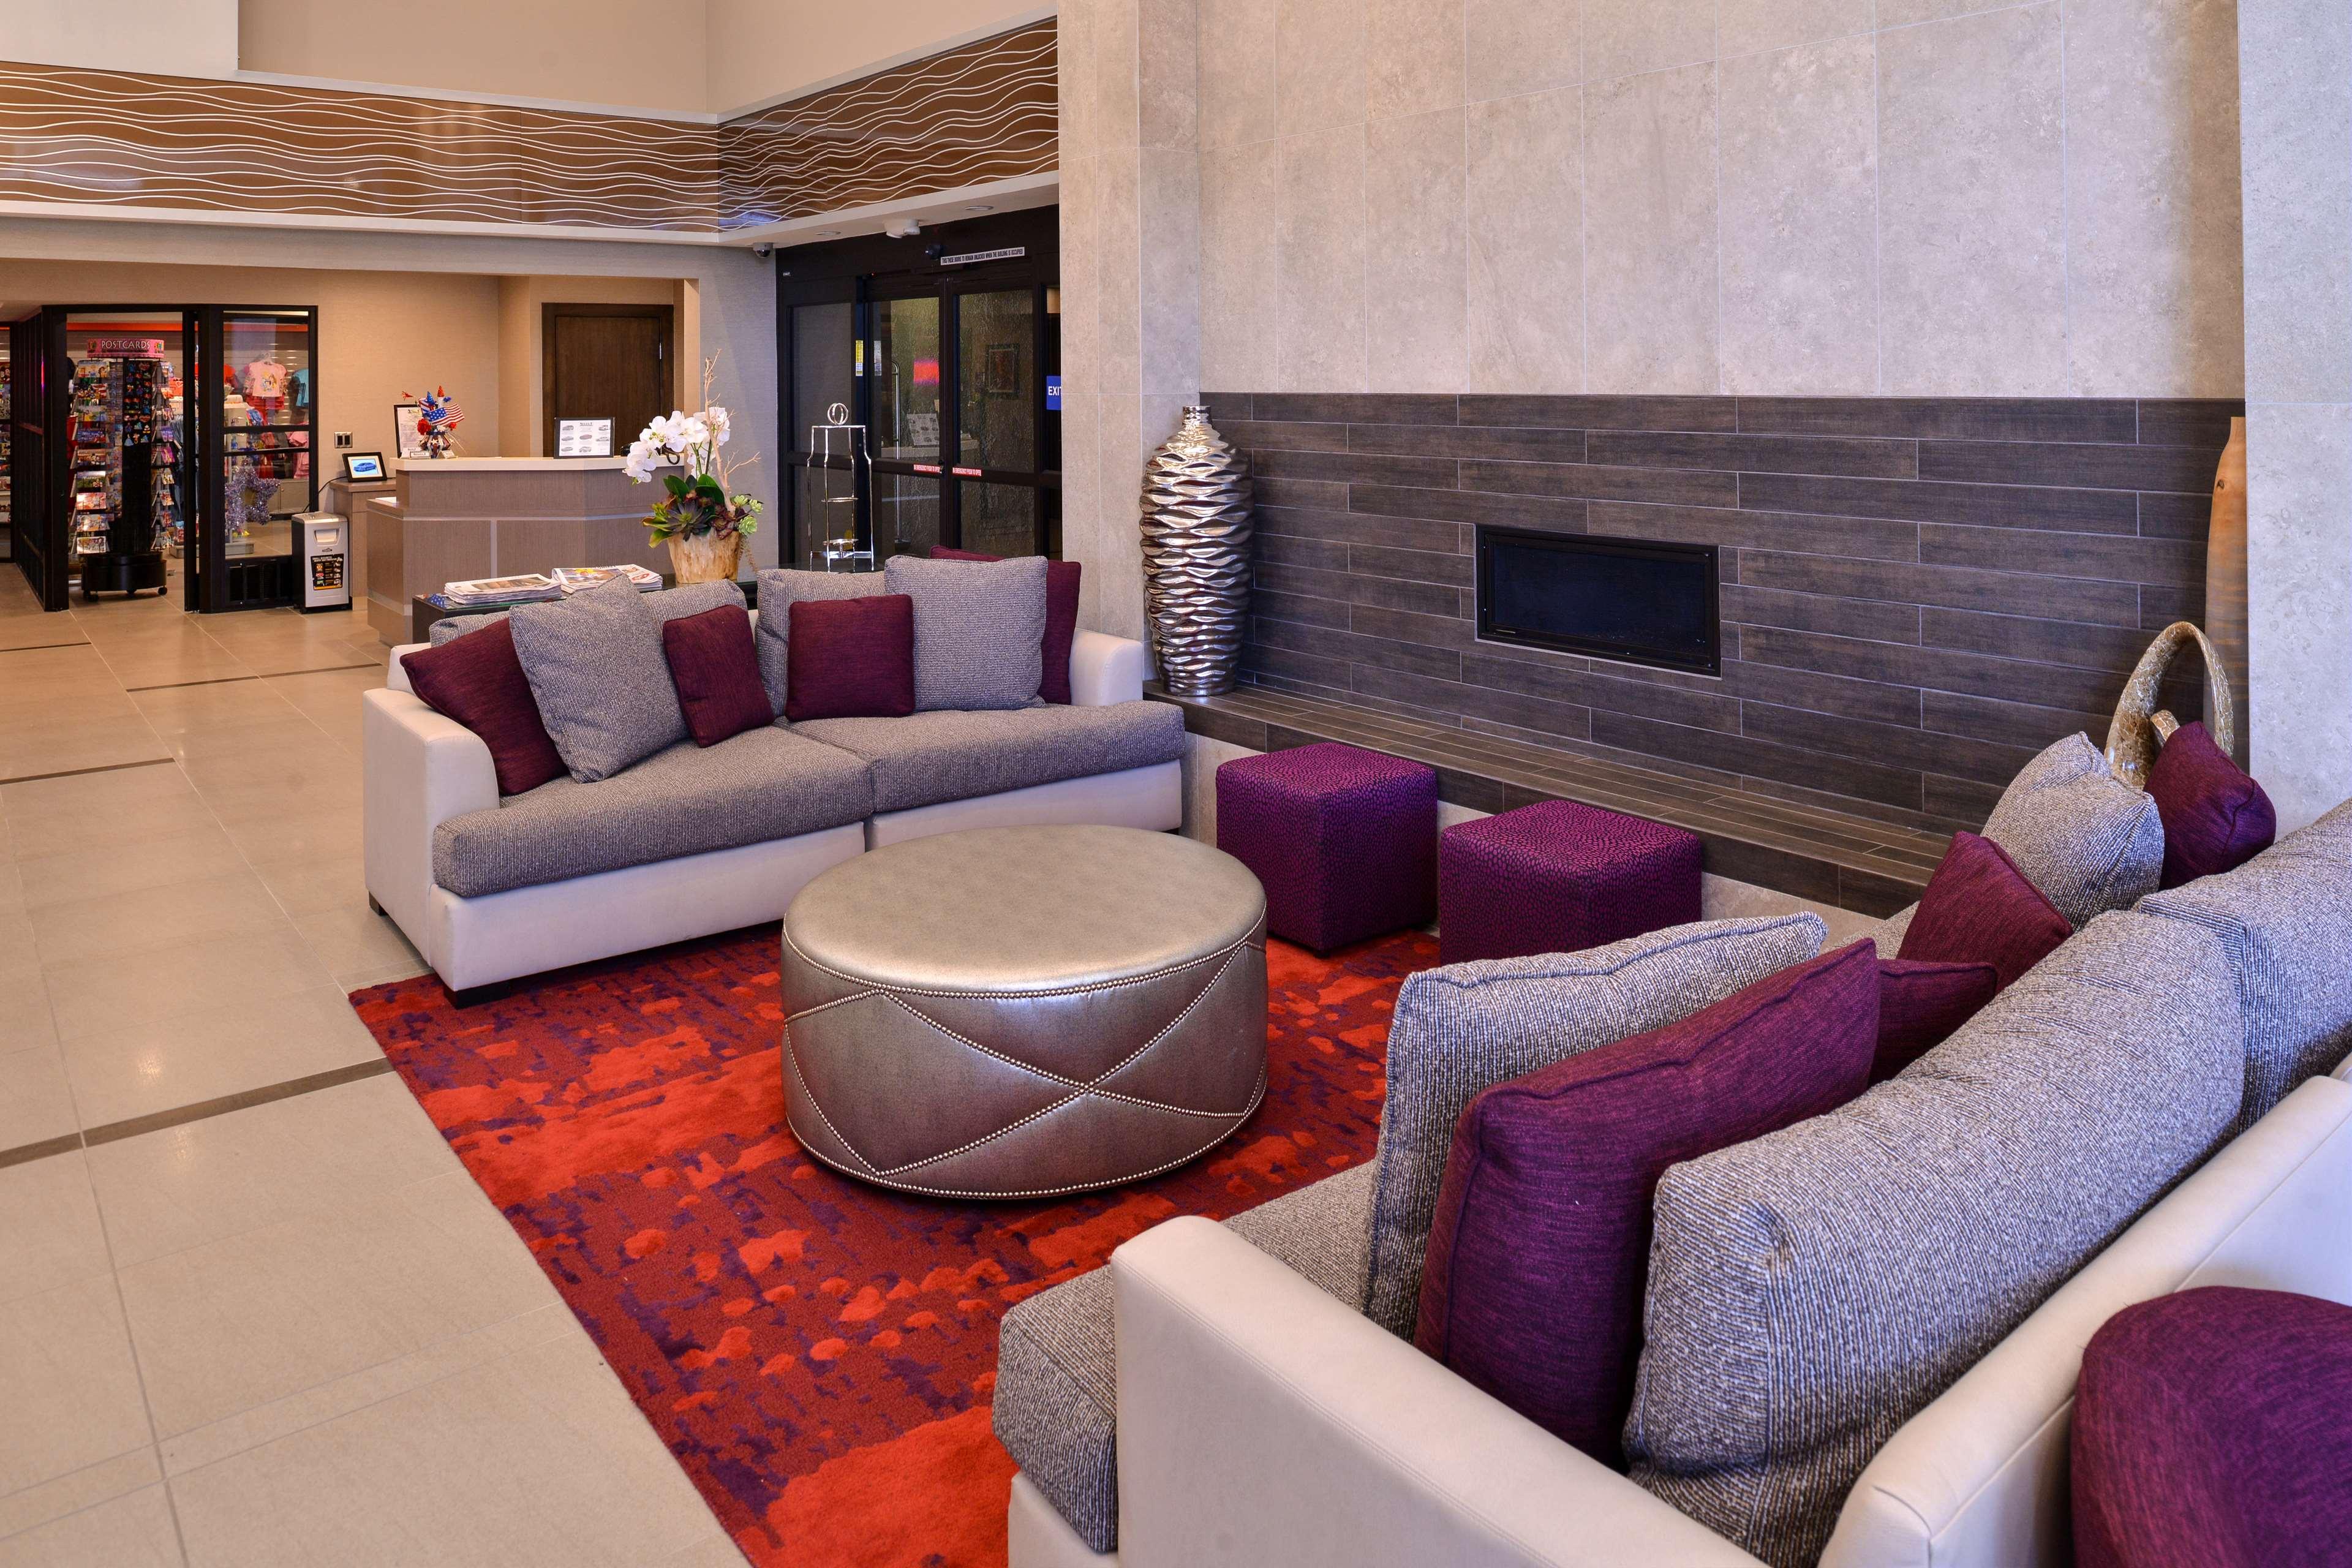 Best Western Plus Park Place Inn - Mini Suites image 3